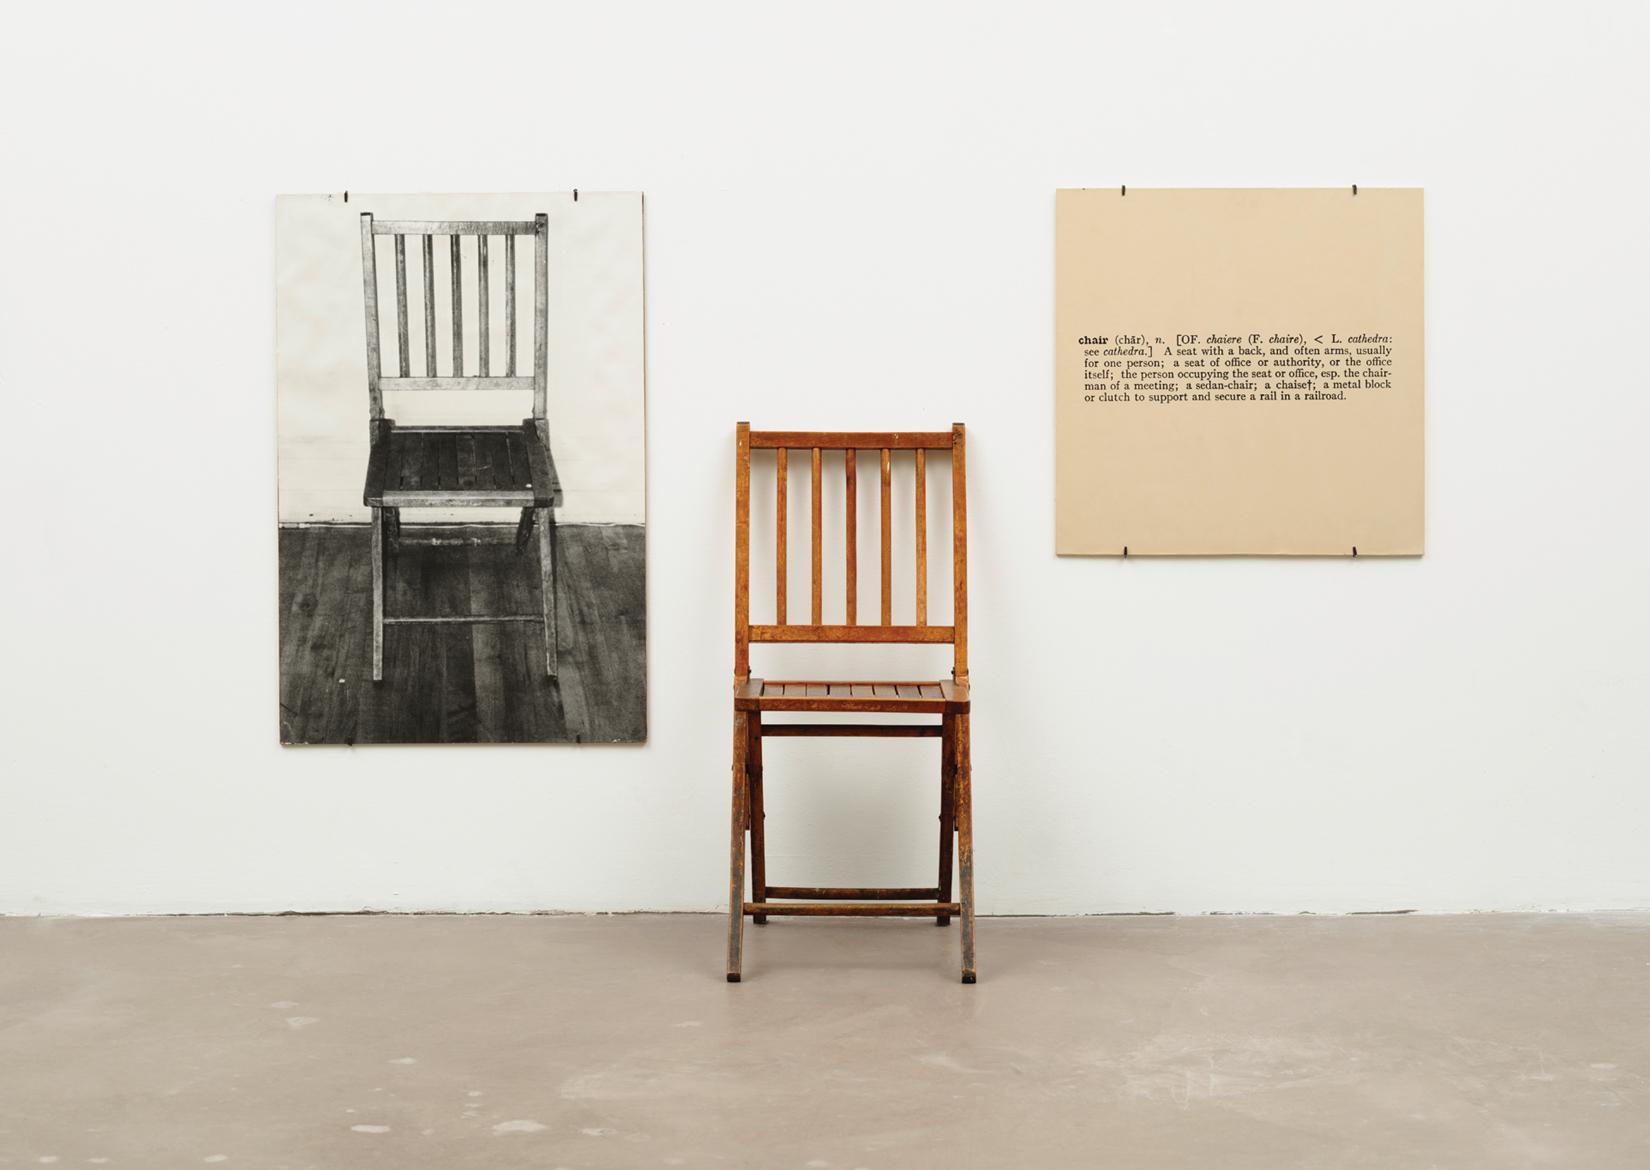 Estudos sobre o habitar o caso de pezo von ellrichshausen arquitetura fandeluxe Image collections